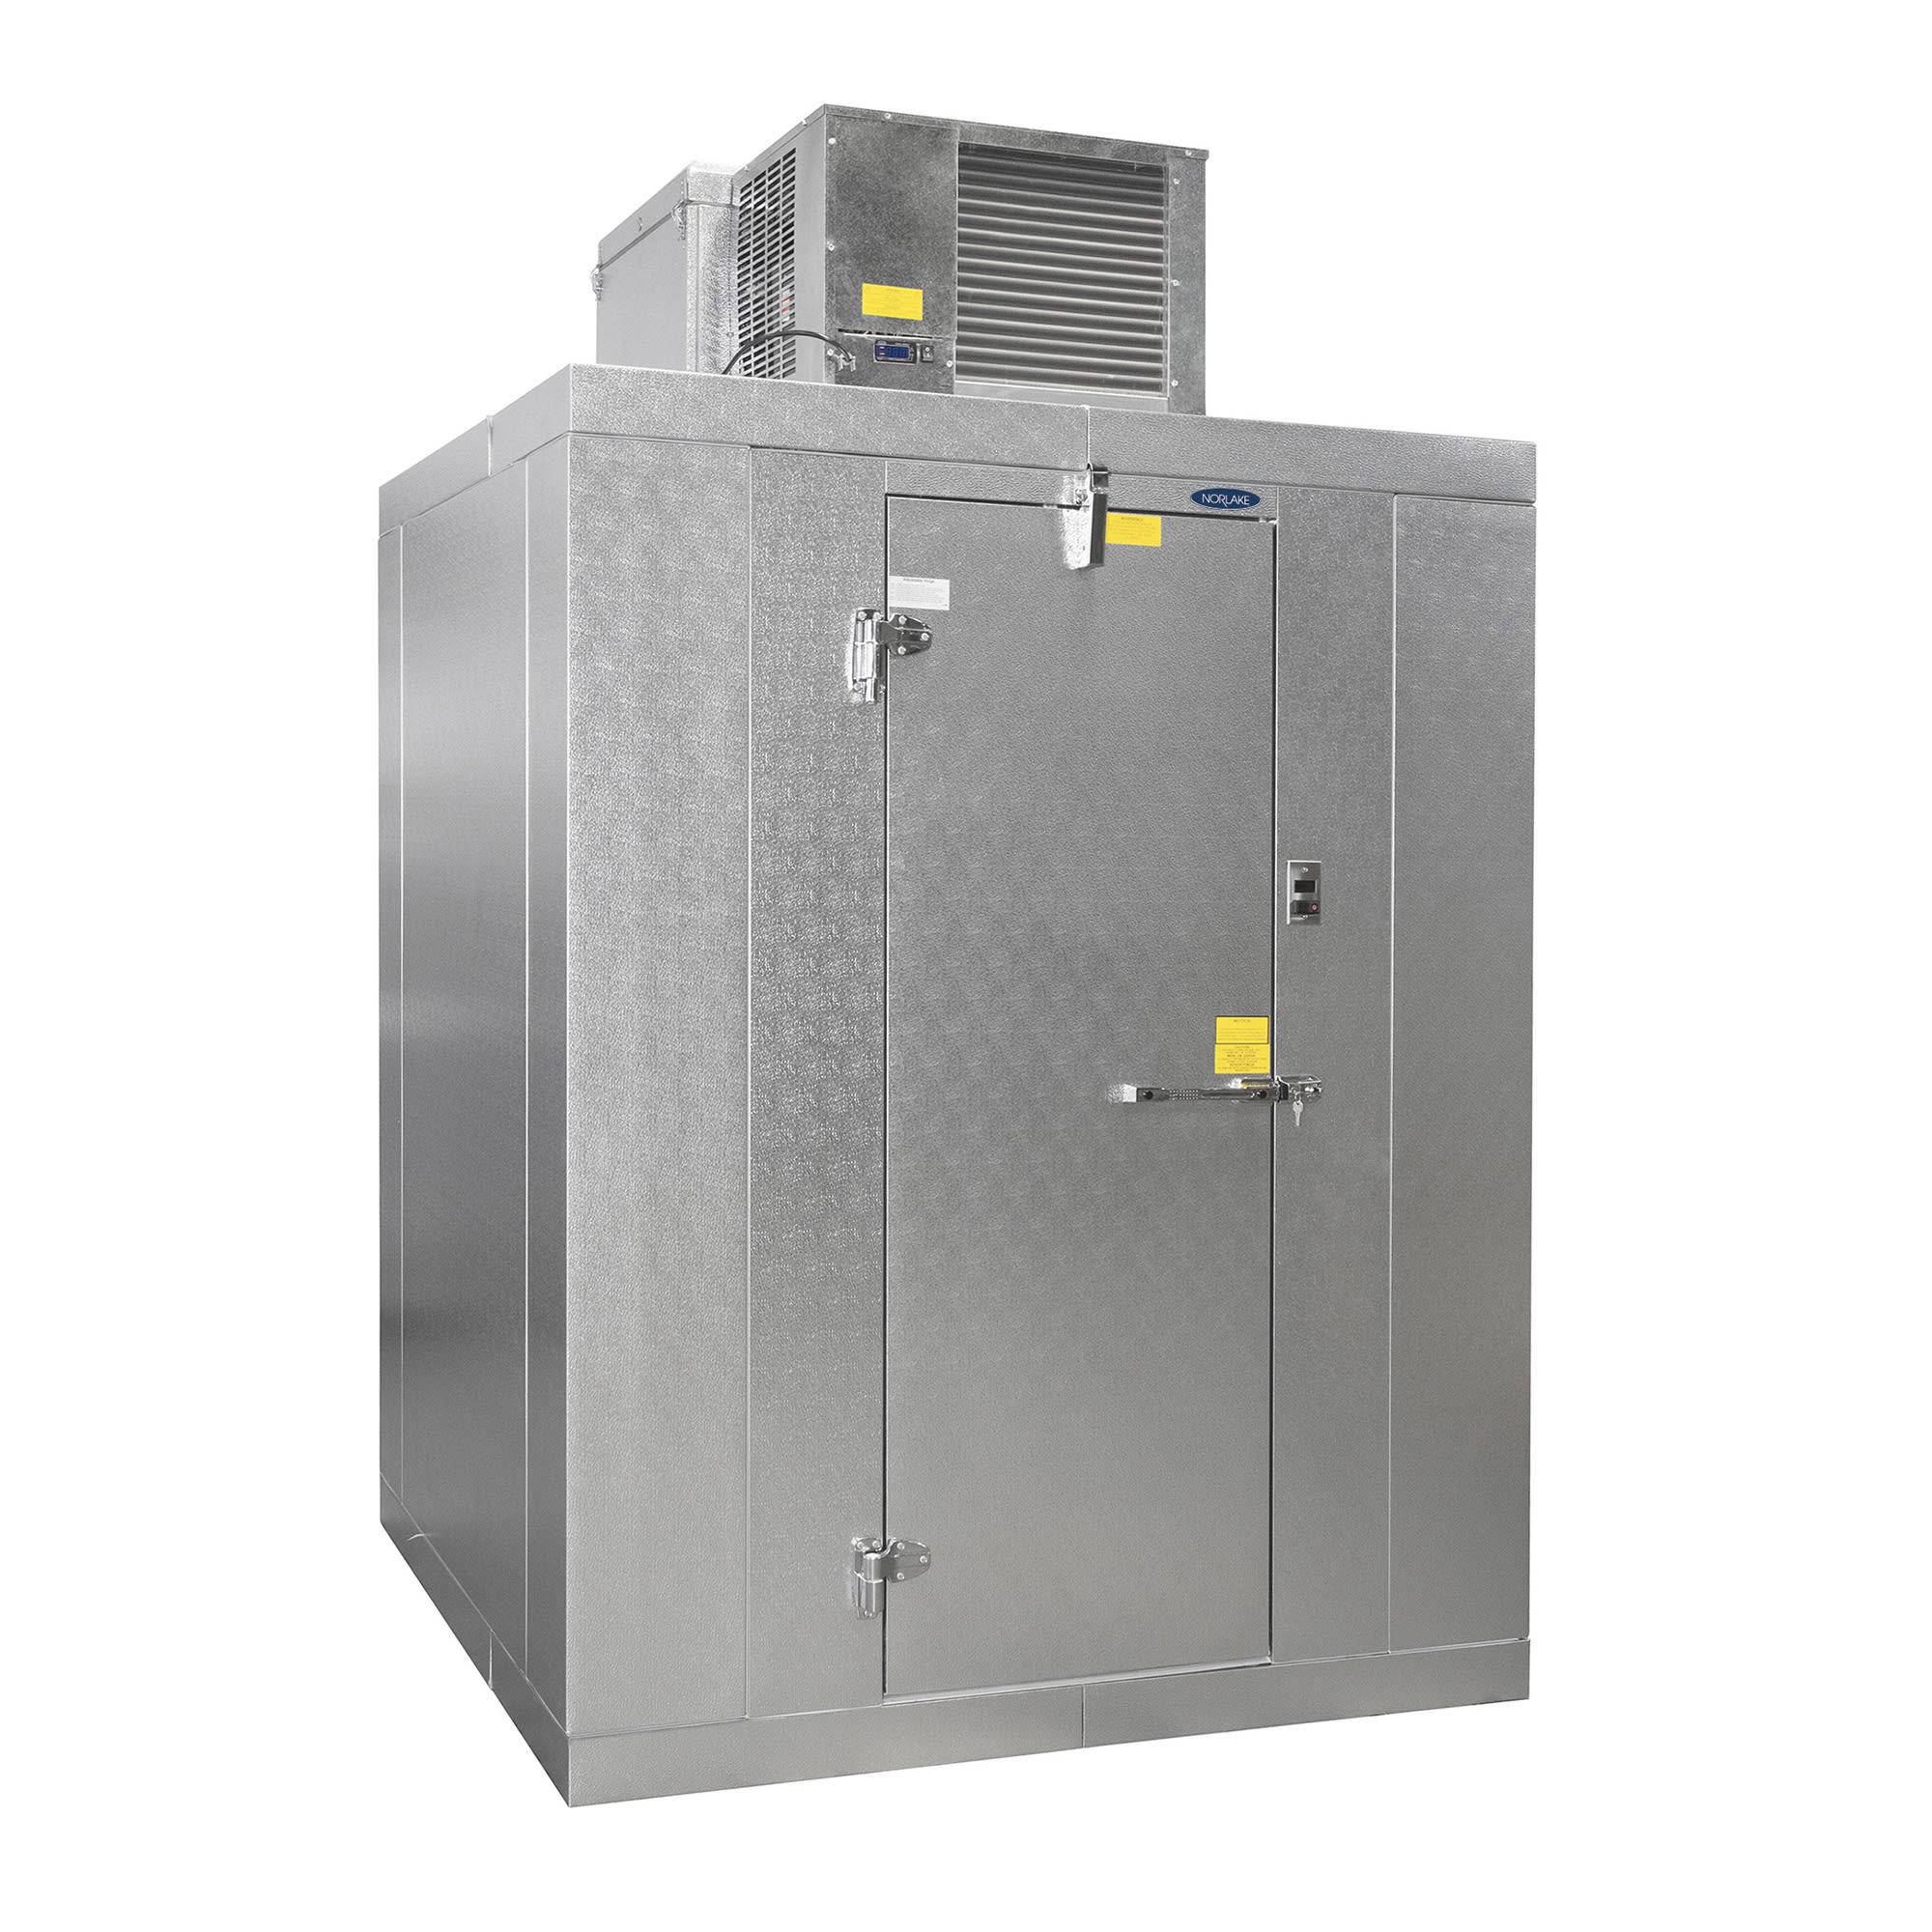 Norlake KLF7768-C L Indoor Walk-In Freezer w/ Top Mount Compressor, 6' x 6'